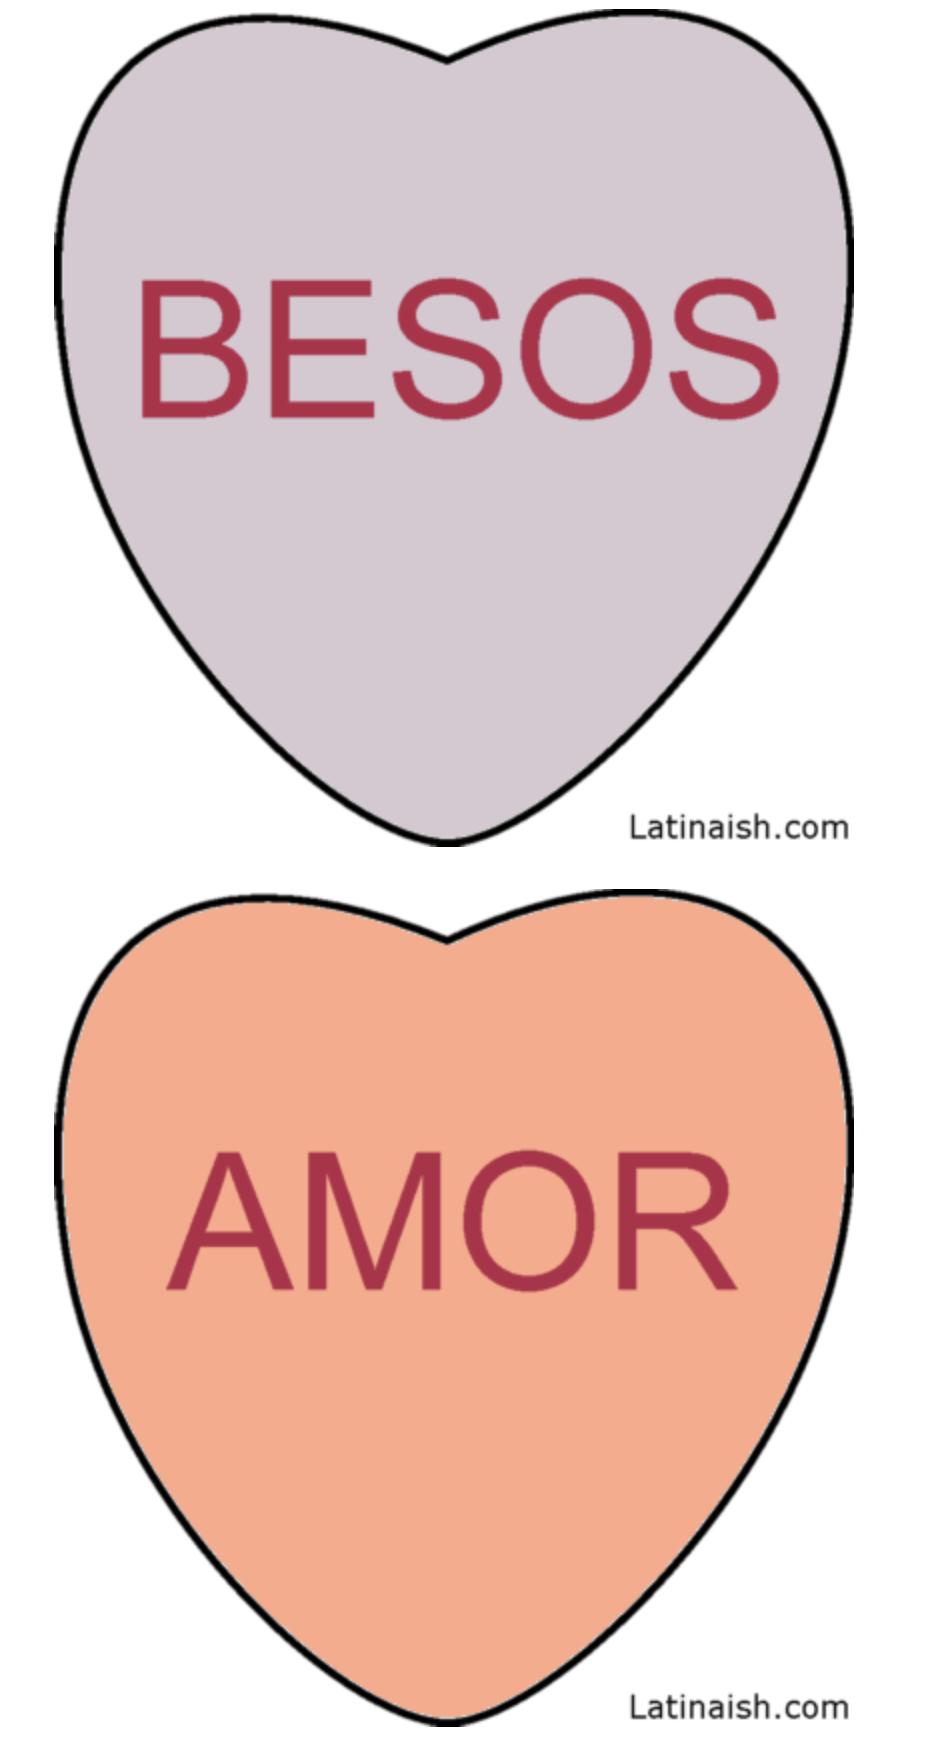 Valentine's Day conversation hearts in Spanish - livingmividaloca.com